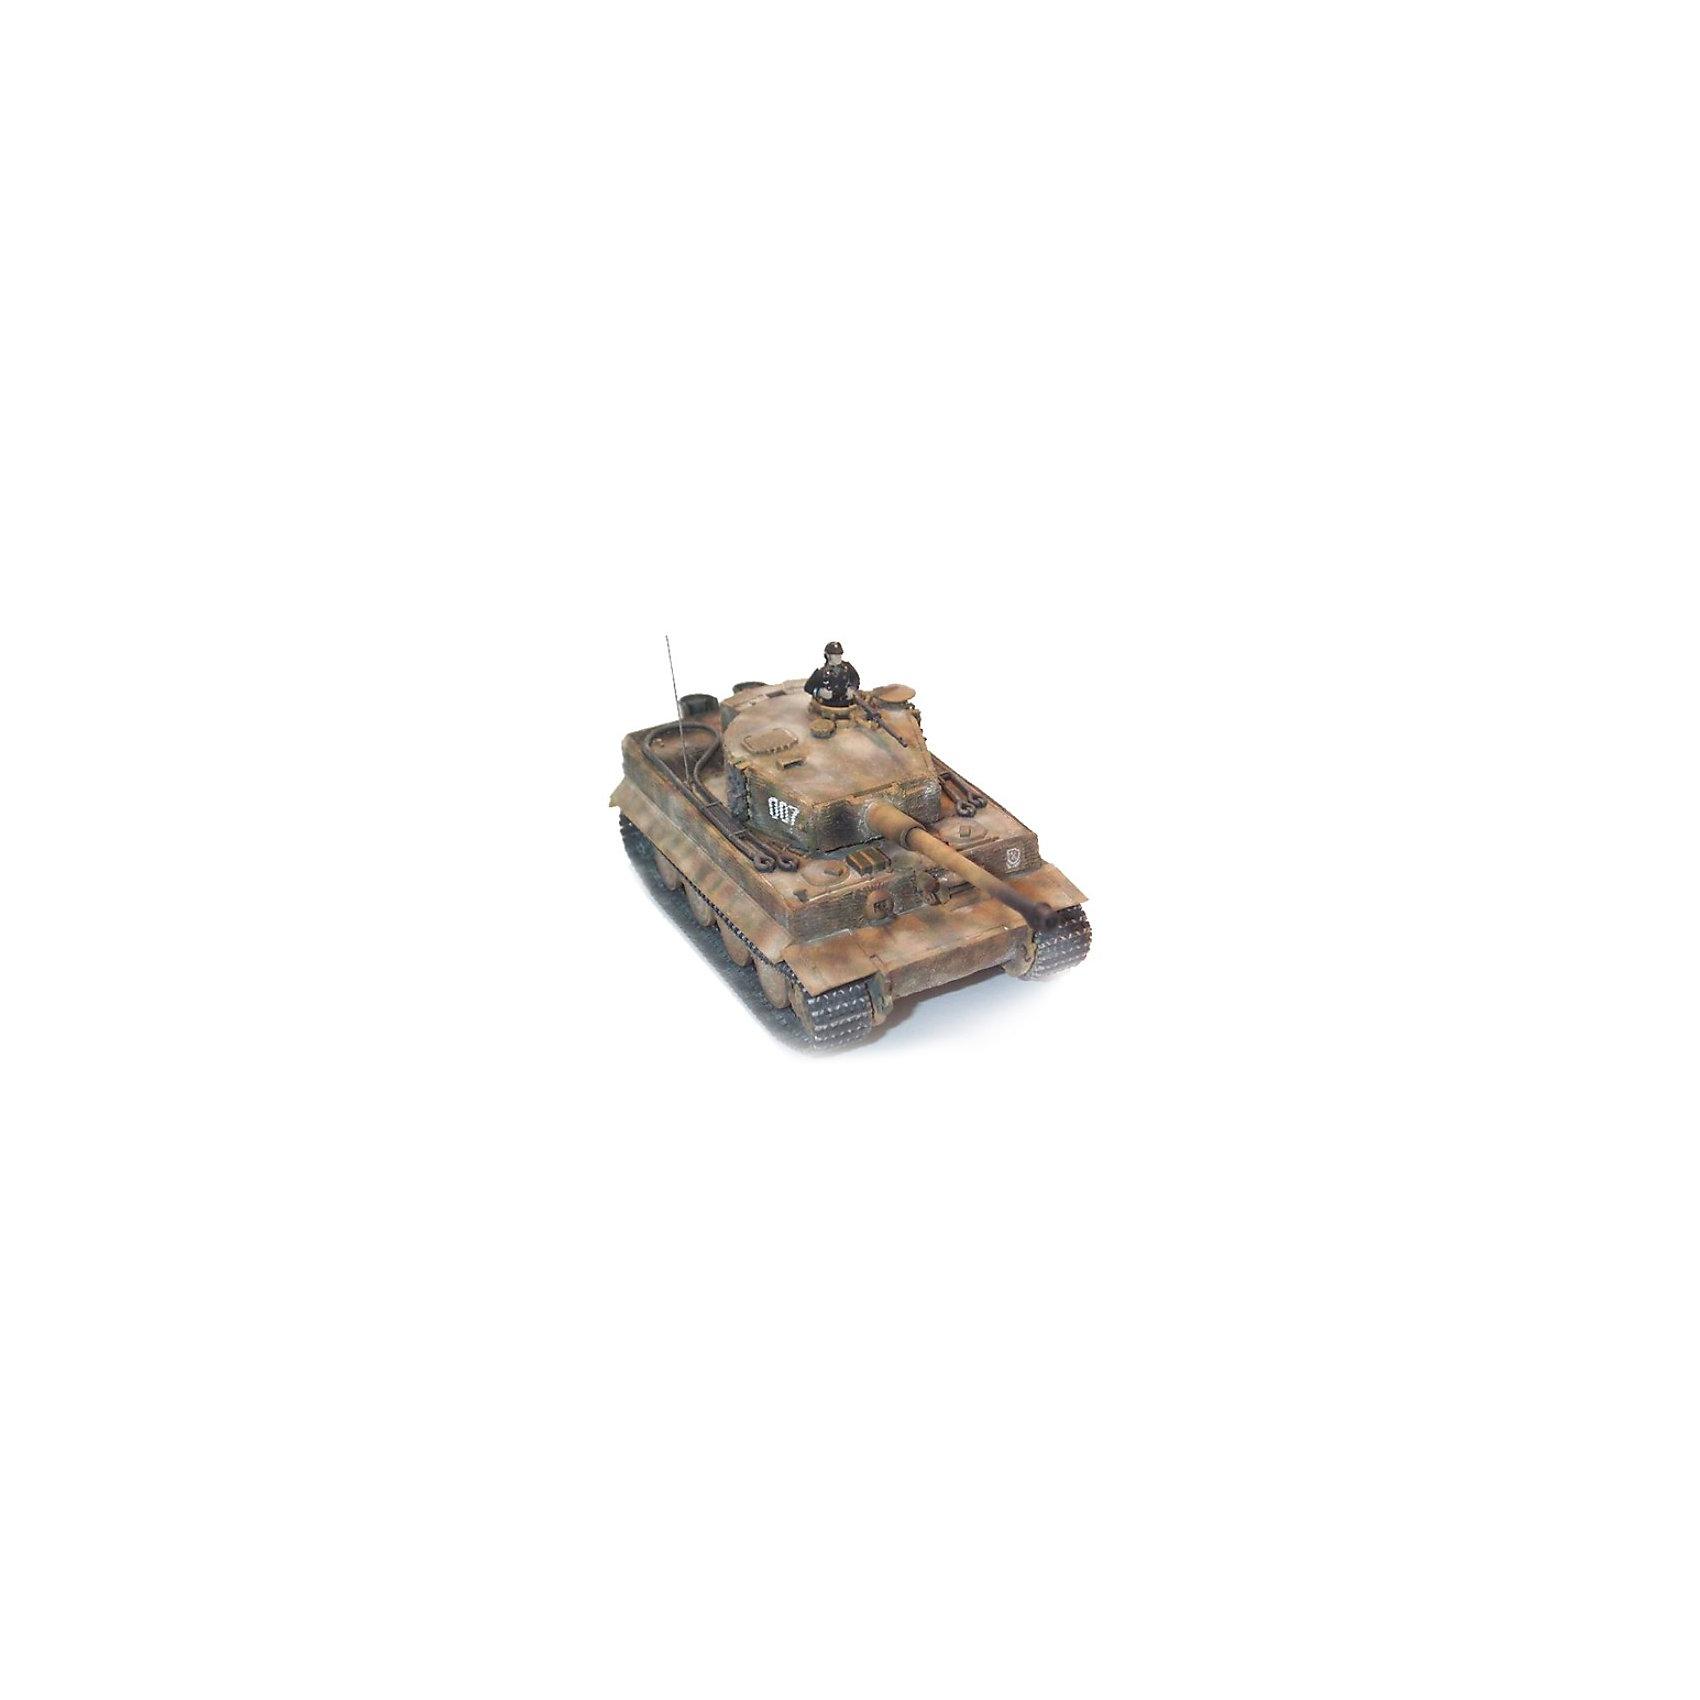 """Танк PzKpfw VI Tiger, 1:72, (3)Модели для склеивания<br>Сборная модель немецкого тяжелого танка PzKpfw VI Tiger Ausf.E времен Второй мировой войны. Танк создавался как ответ советским Т-34. Был разработан фирмой Хеншель в 1942 году. До конца войны постоянно дорабатывался, хотя получил всего одну модификацию. Впервые новые танки вступили в бой под Ленинградом в конце августа 1942 года. Но массово """"Тигры"""" стали применяться лишь после сражения под Харьковом в 1943 году. PzKpfw VI Tiger Ausf.E считается самым дорогим танком Второй мировой. Затраты на его производство в два раза превышали затраты на любой другой танк <br>Масштаб: 1:72 <br>Количество деталей: 6 <br>Длина модели: 118 мм <br>Уровень сложности: 3 <br>Клей и краски в комплект не входят<br><br>Ширина мм: 243<br>Глубина мм: 158<br>Высота мм: 36<br>Вес г: 150<br>Возраст от месяцев: 168<br>Возраст до месяцев: 1188<br>Пол: Мужской<br>Возраст: Детский<br>SKU: 1772987"""